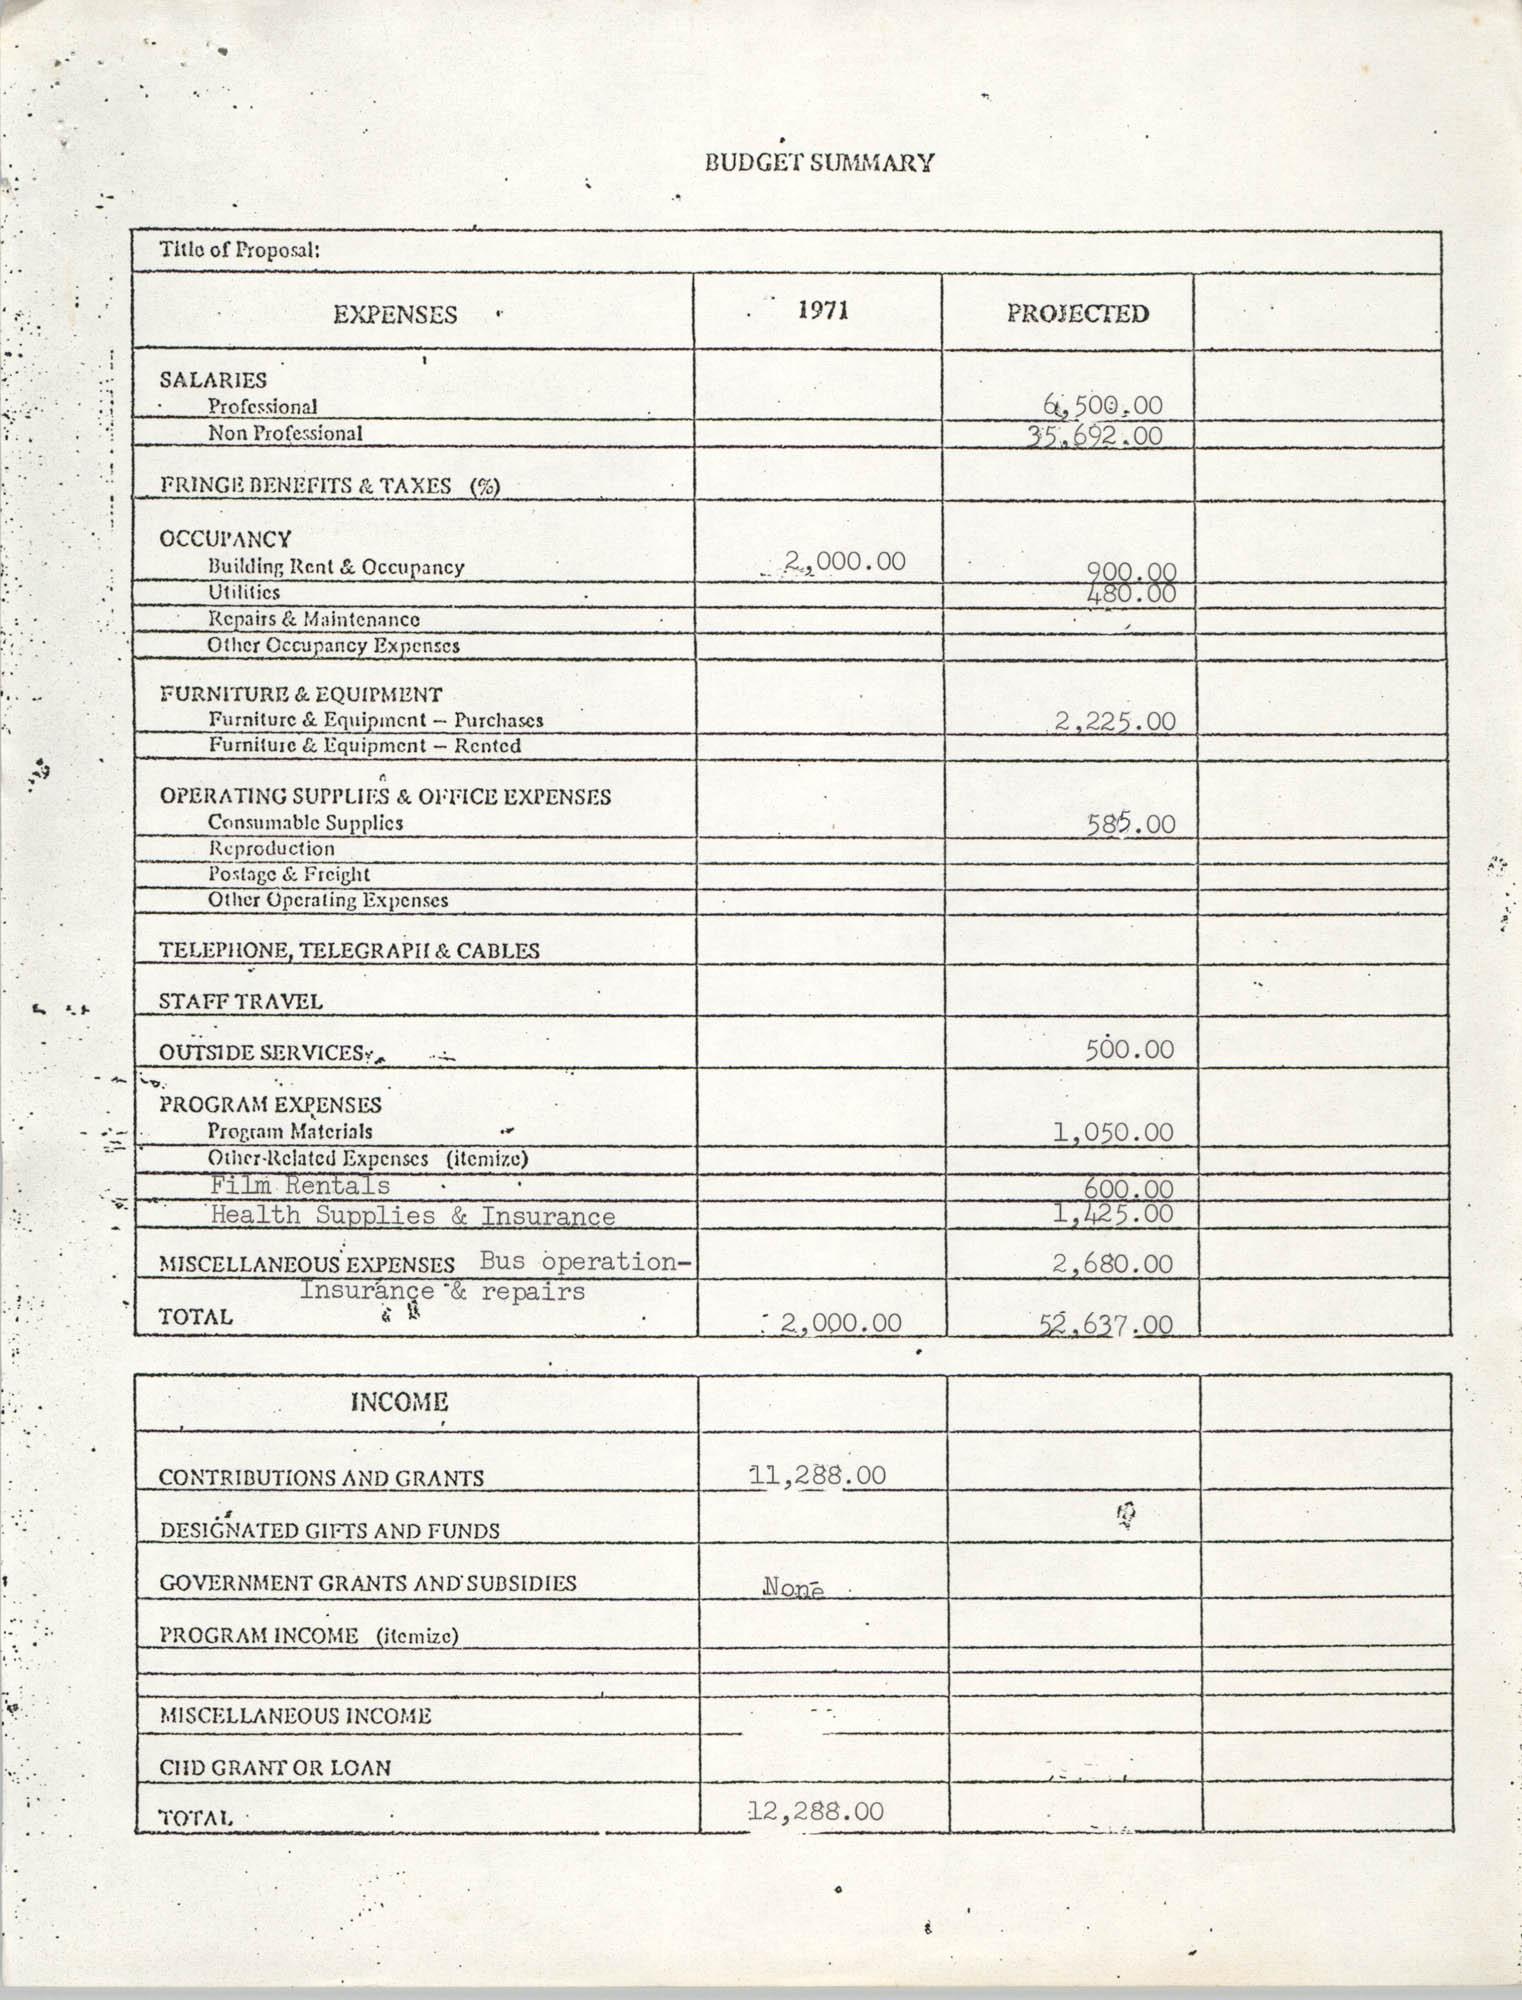 Budget Summary, 1971